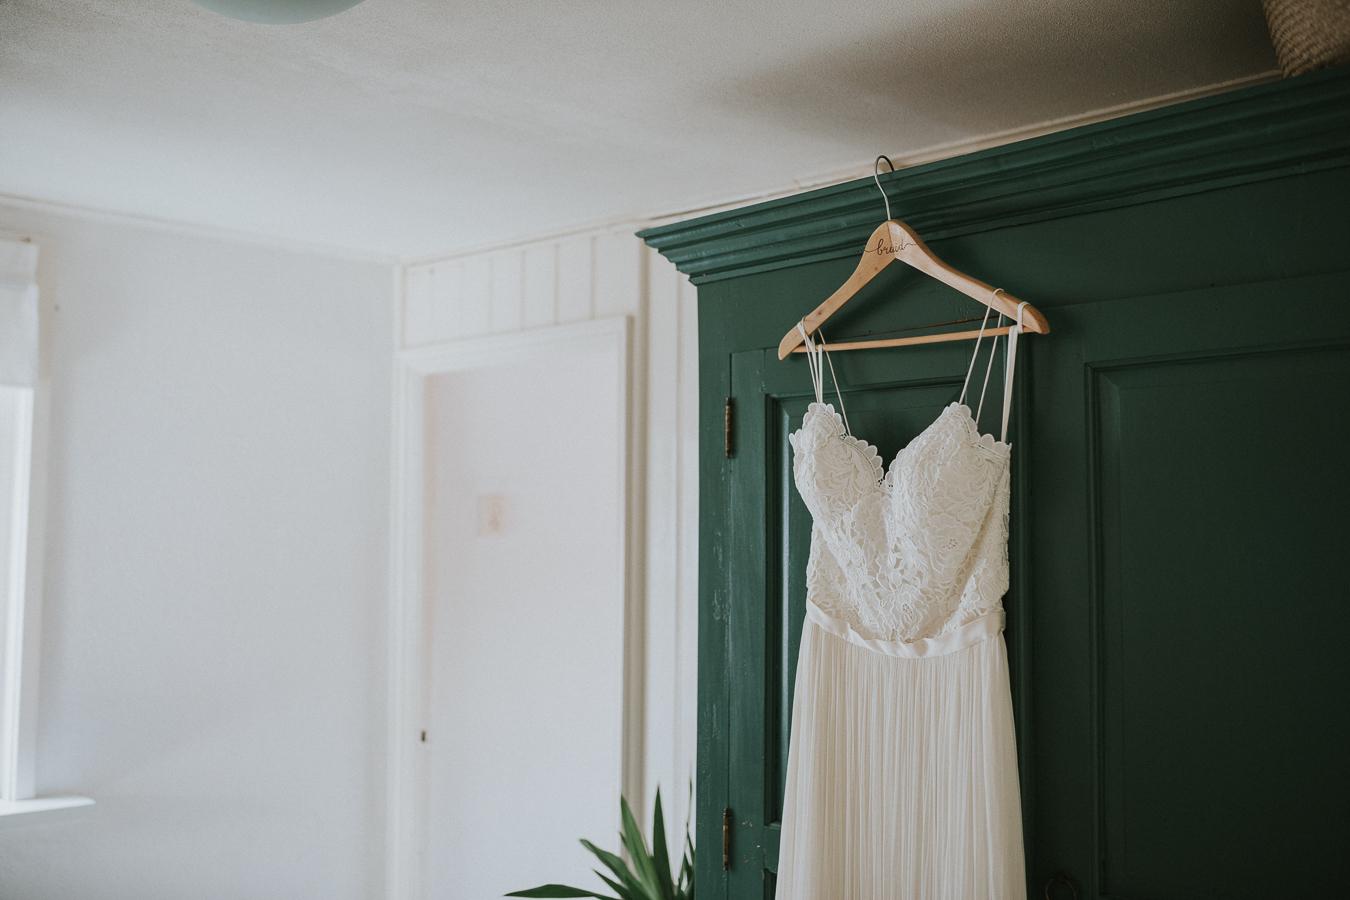 Trouwjurk hangt op gegraveerde hanger aan groene kast ter voorbereiding bruid